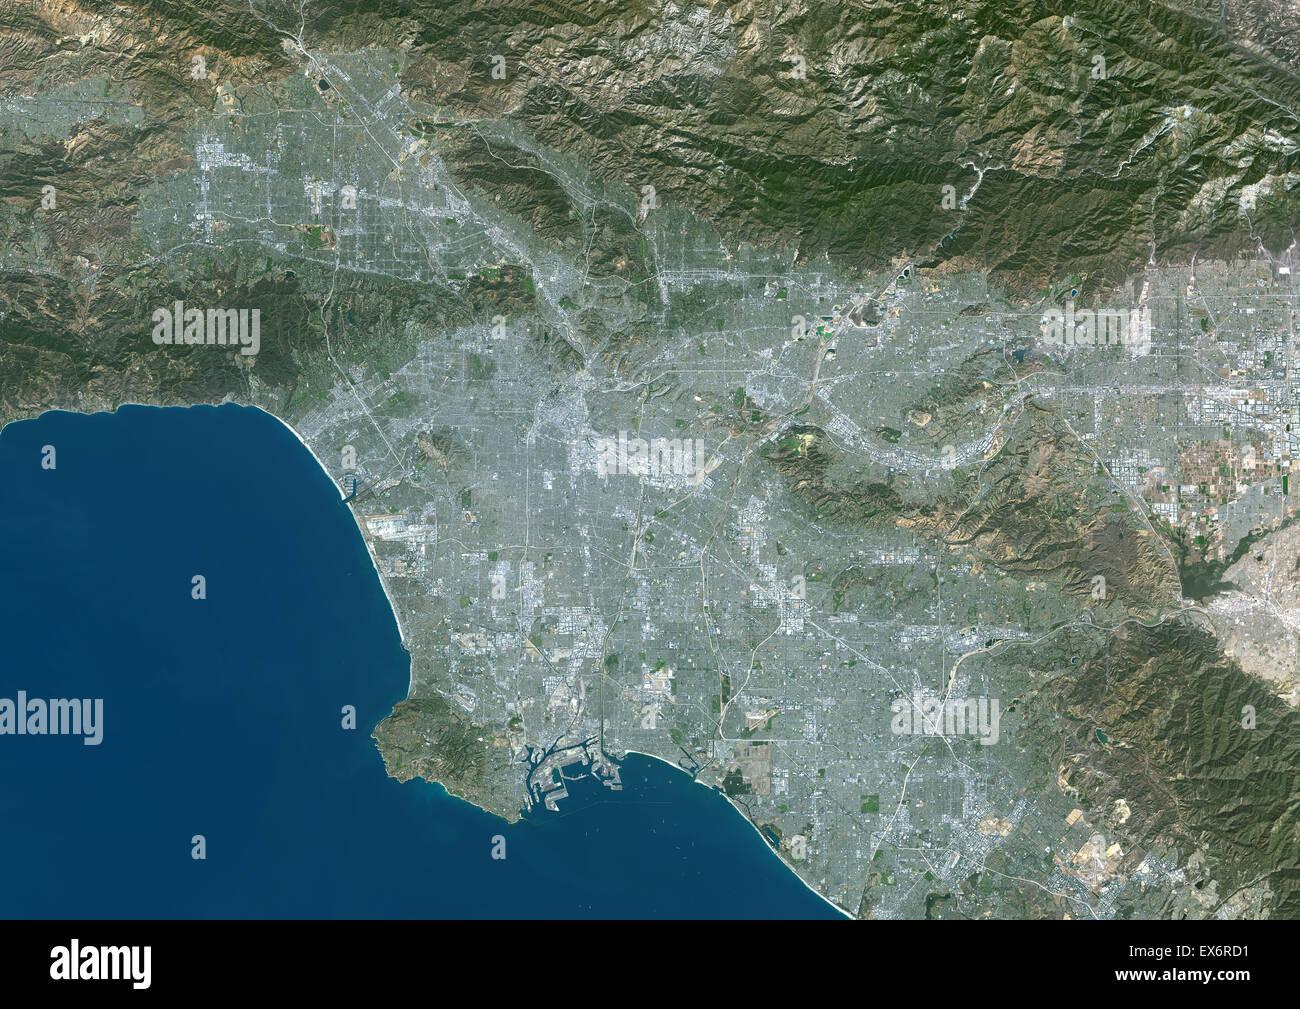 Satellite View California Stock Photos & Satellite View California on